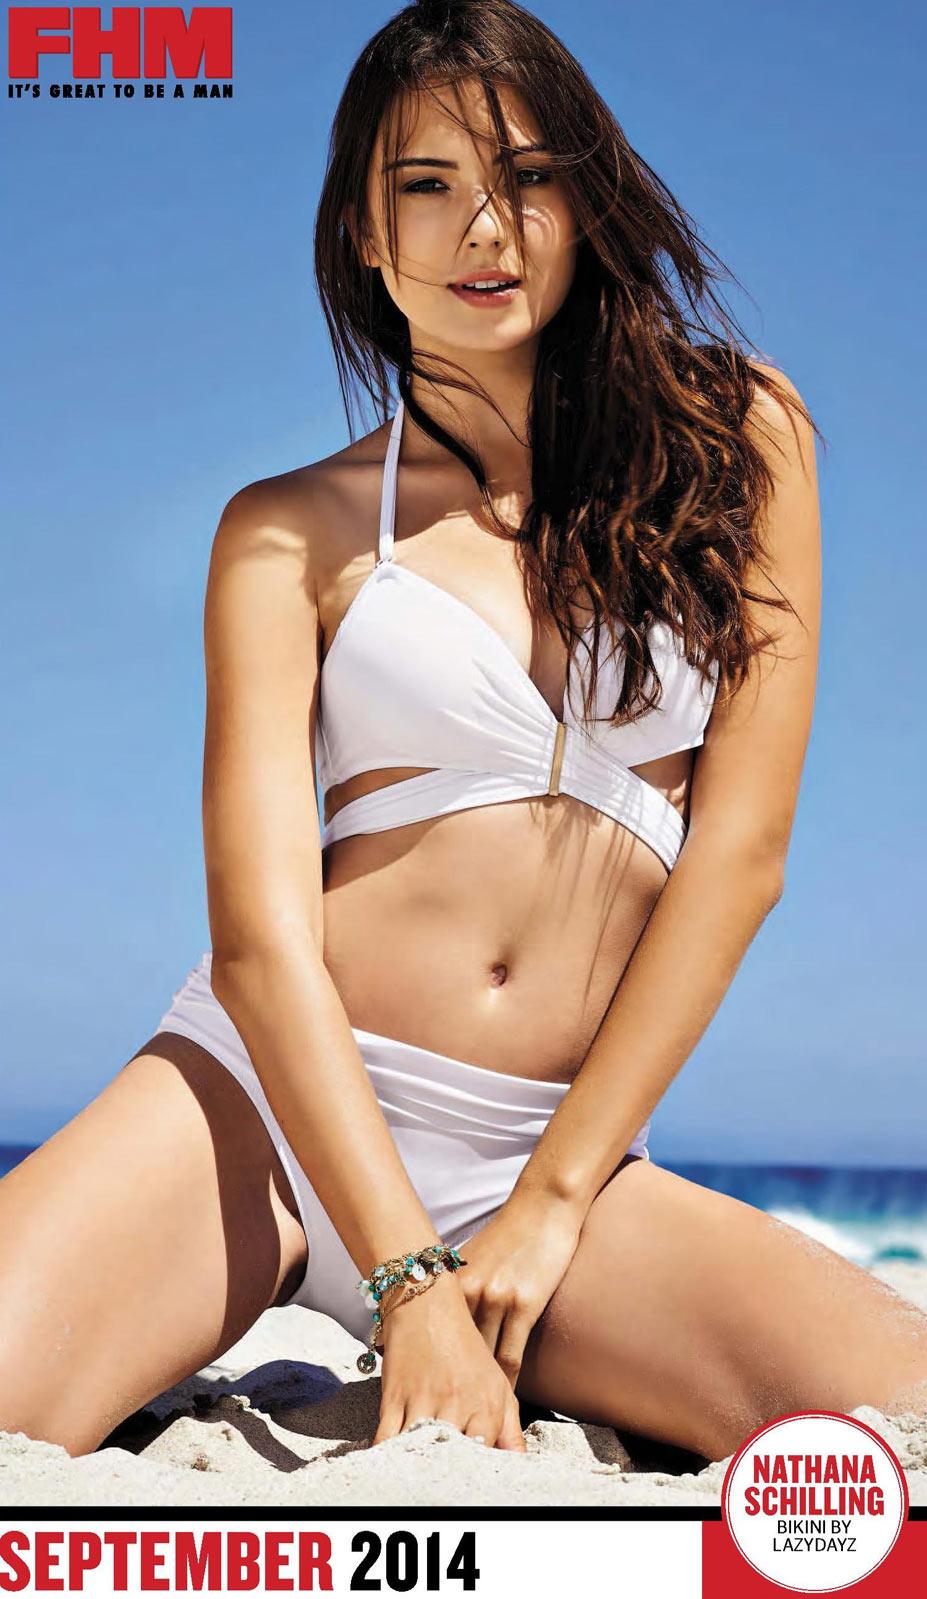 Сексуальные девушки в календаре журнала FHM South Africa 2014 - Nathana Schilling